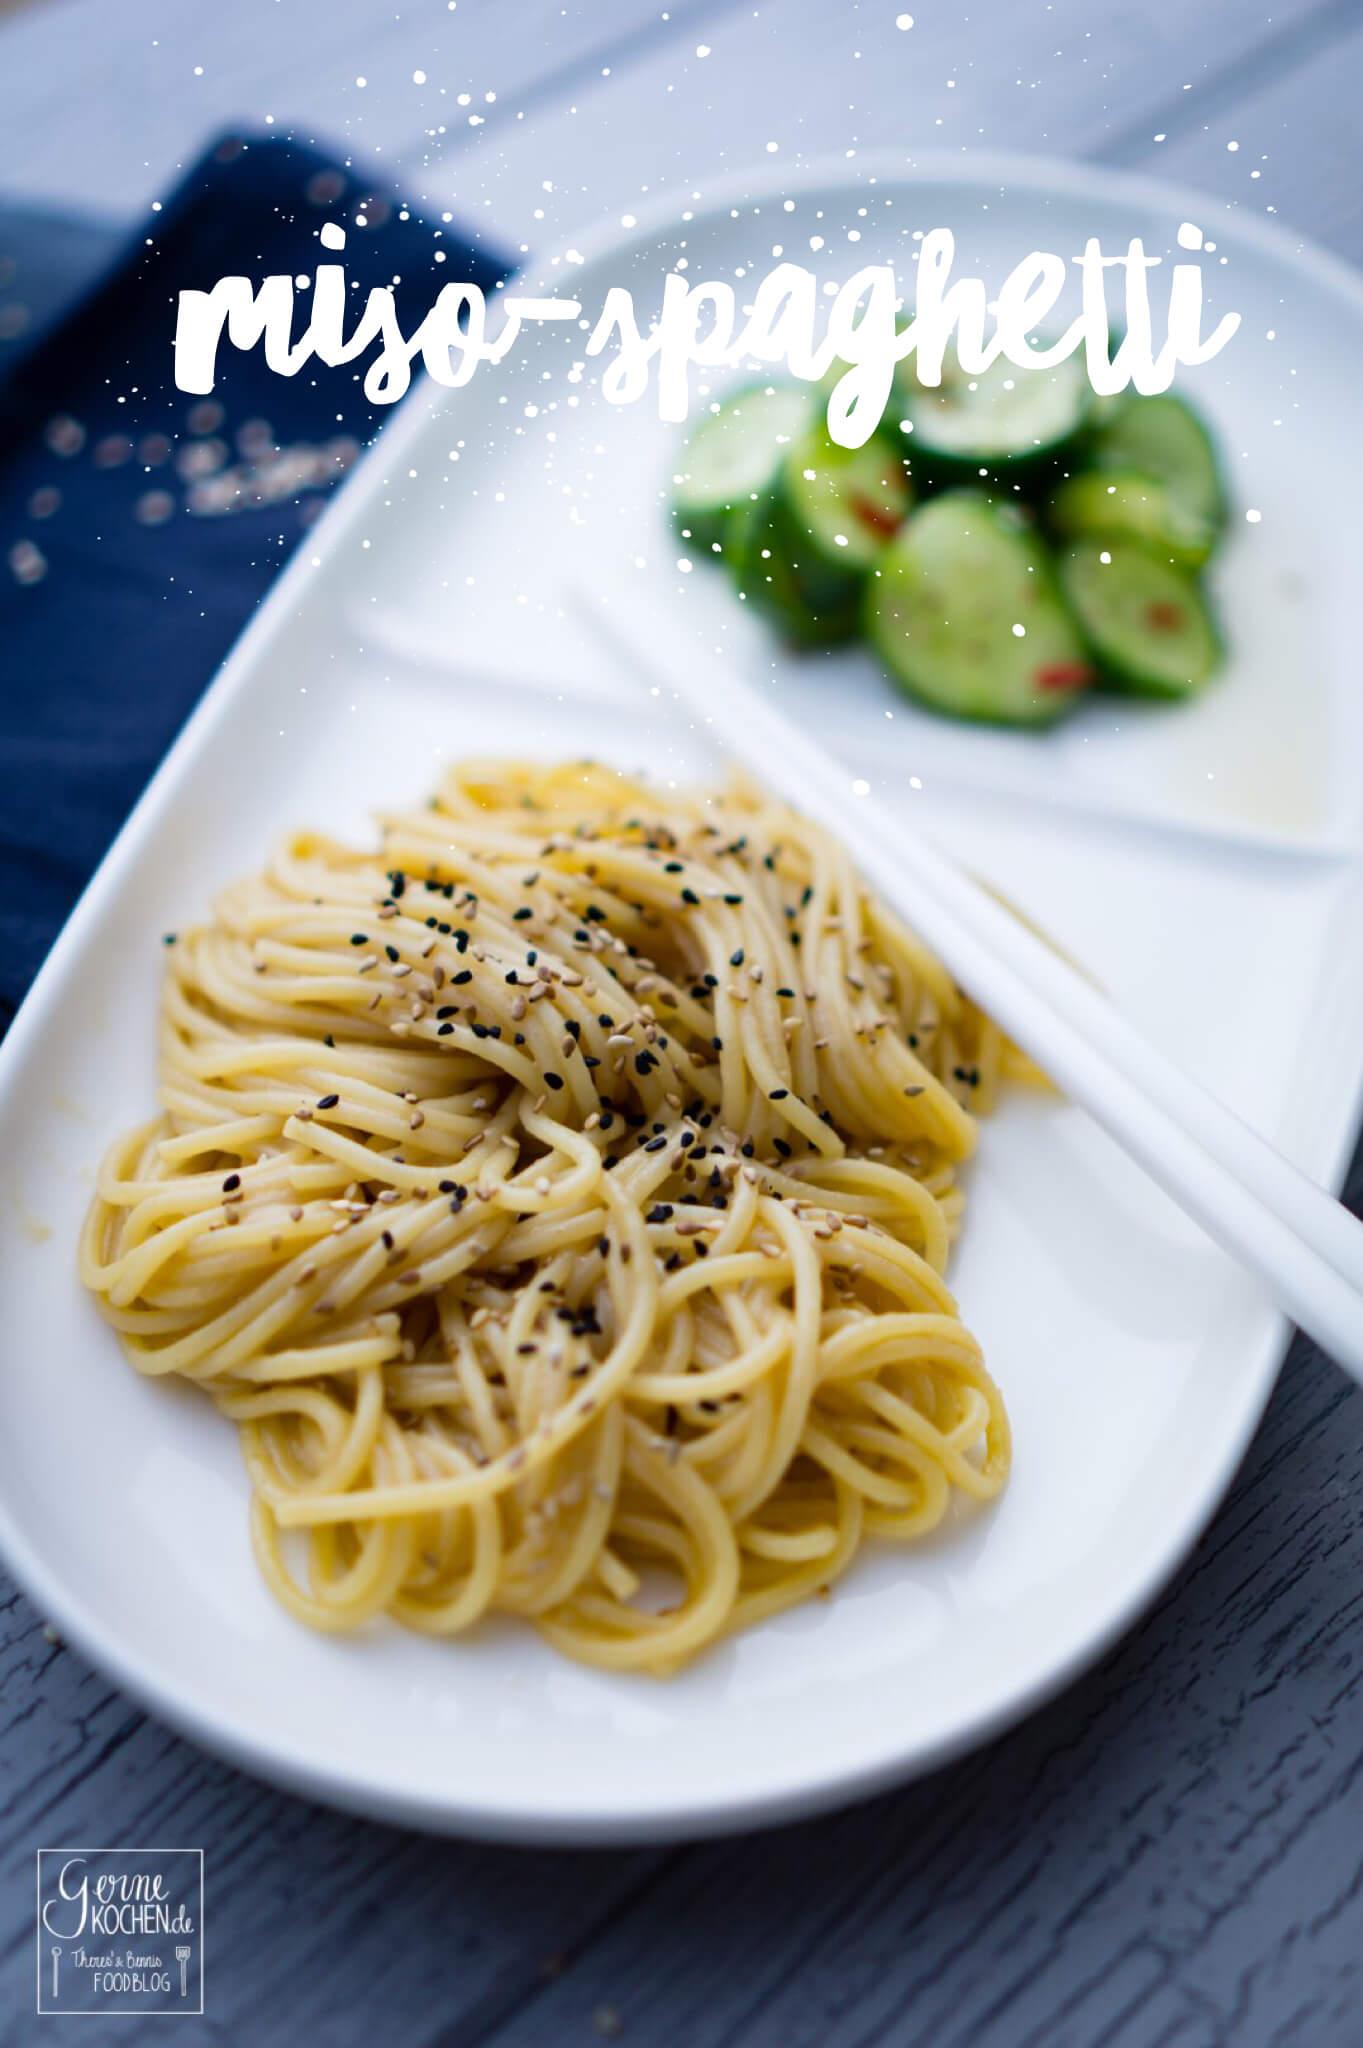 Miso-Spaghetti